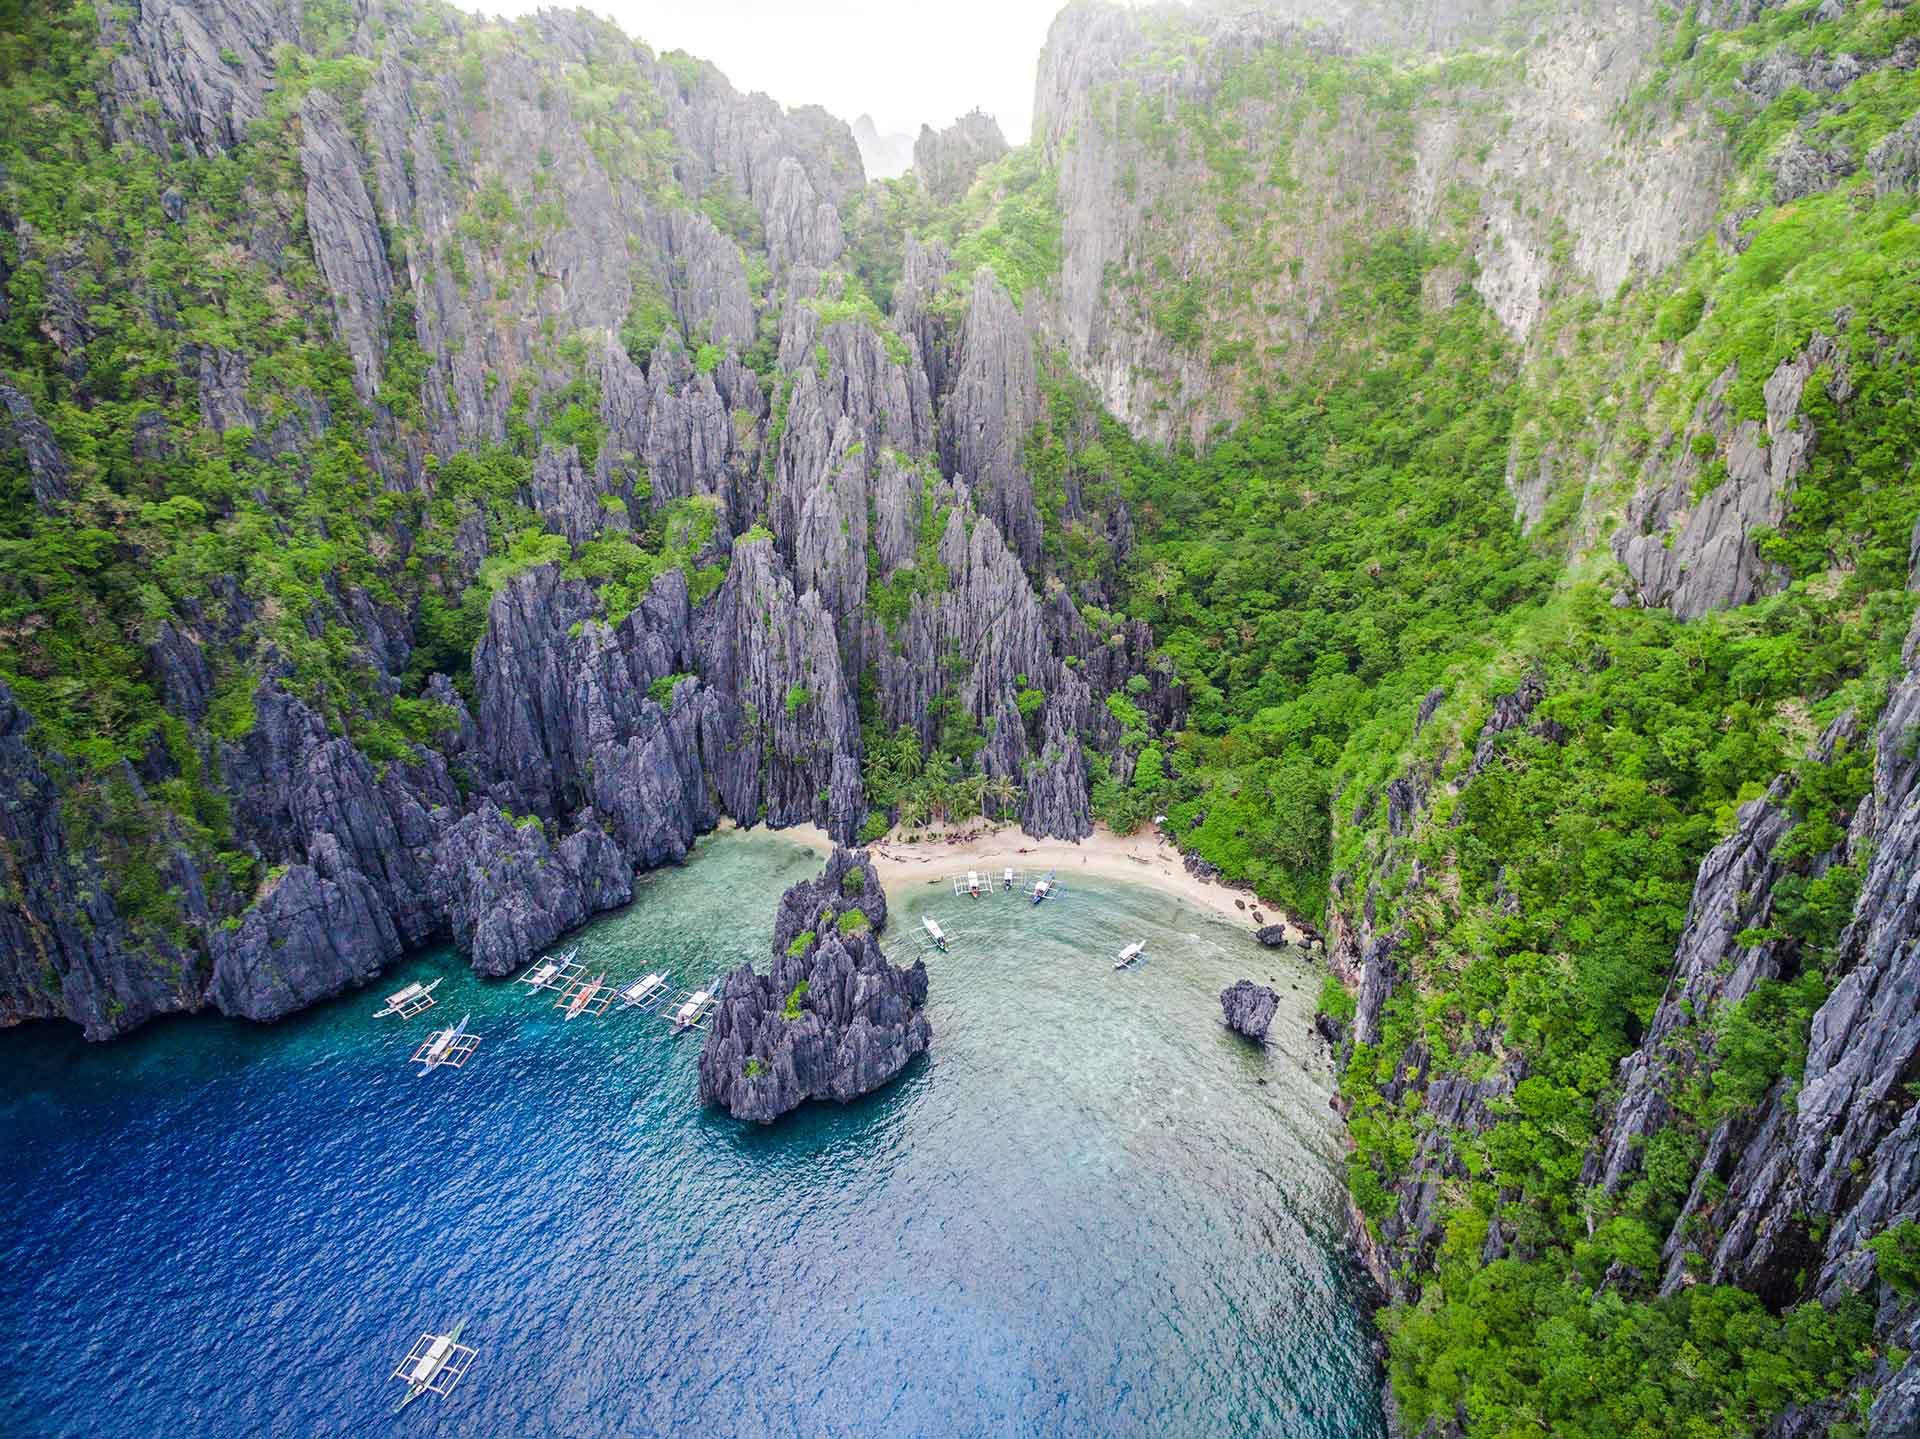 Nada define a Palawan más que el agua que lo rodea. Su capital es Puerto Princesa. En términos de superficie, es la provincia de mayor tamaño de todo el país. Las islas se encuentran rodeadas por el mar de la China Meridional al noroeste, y por el mar de Sulu al sureste